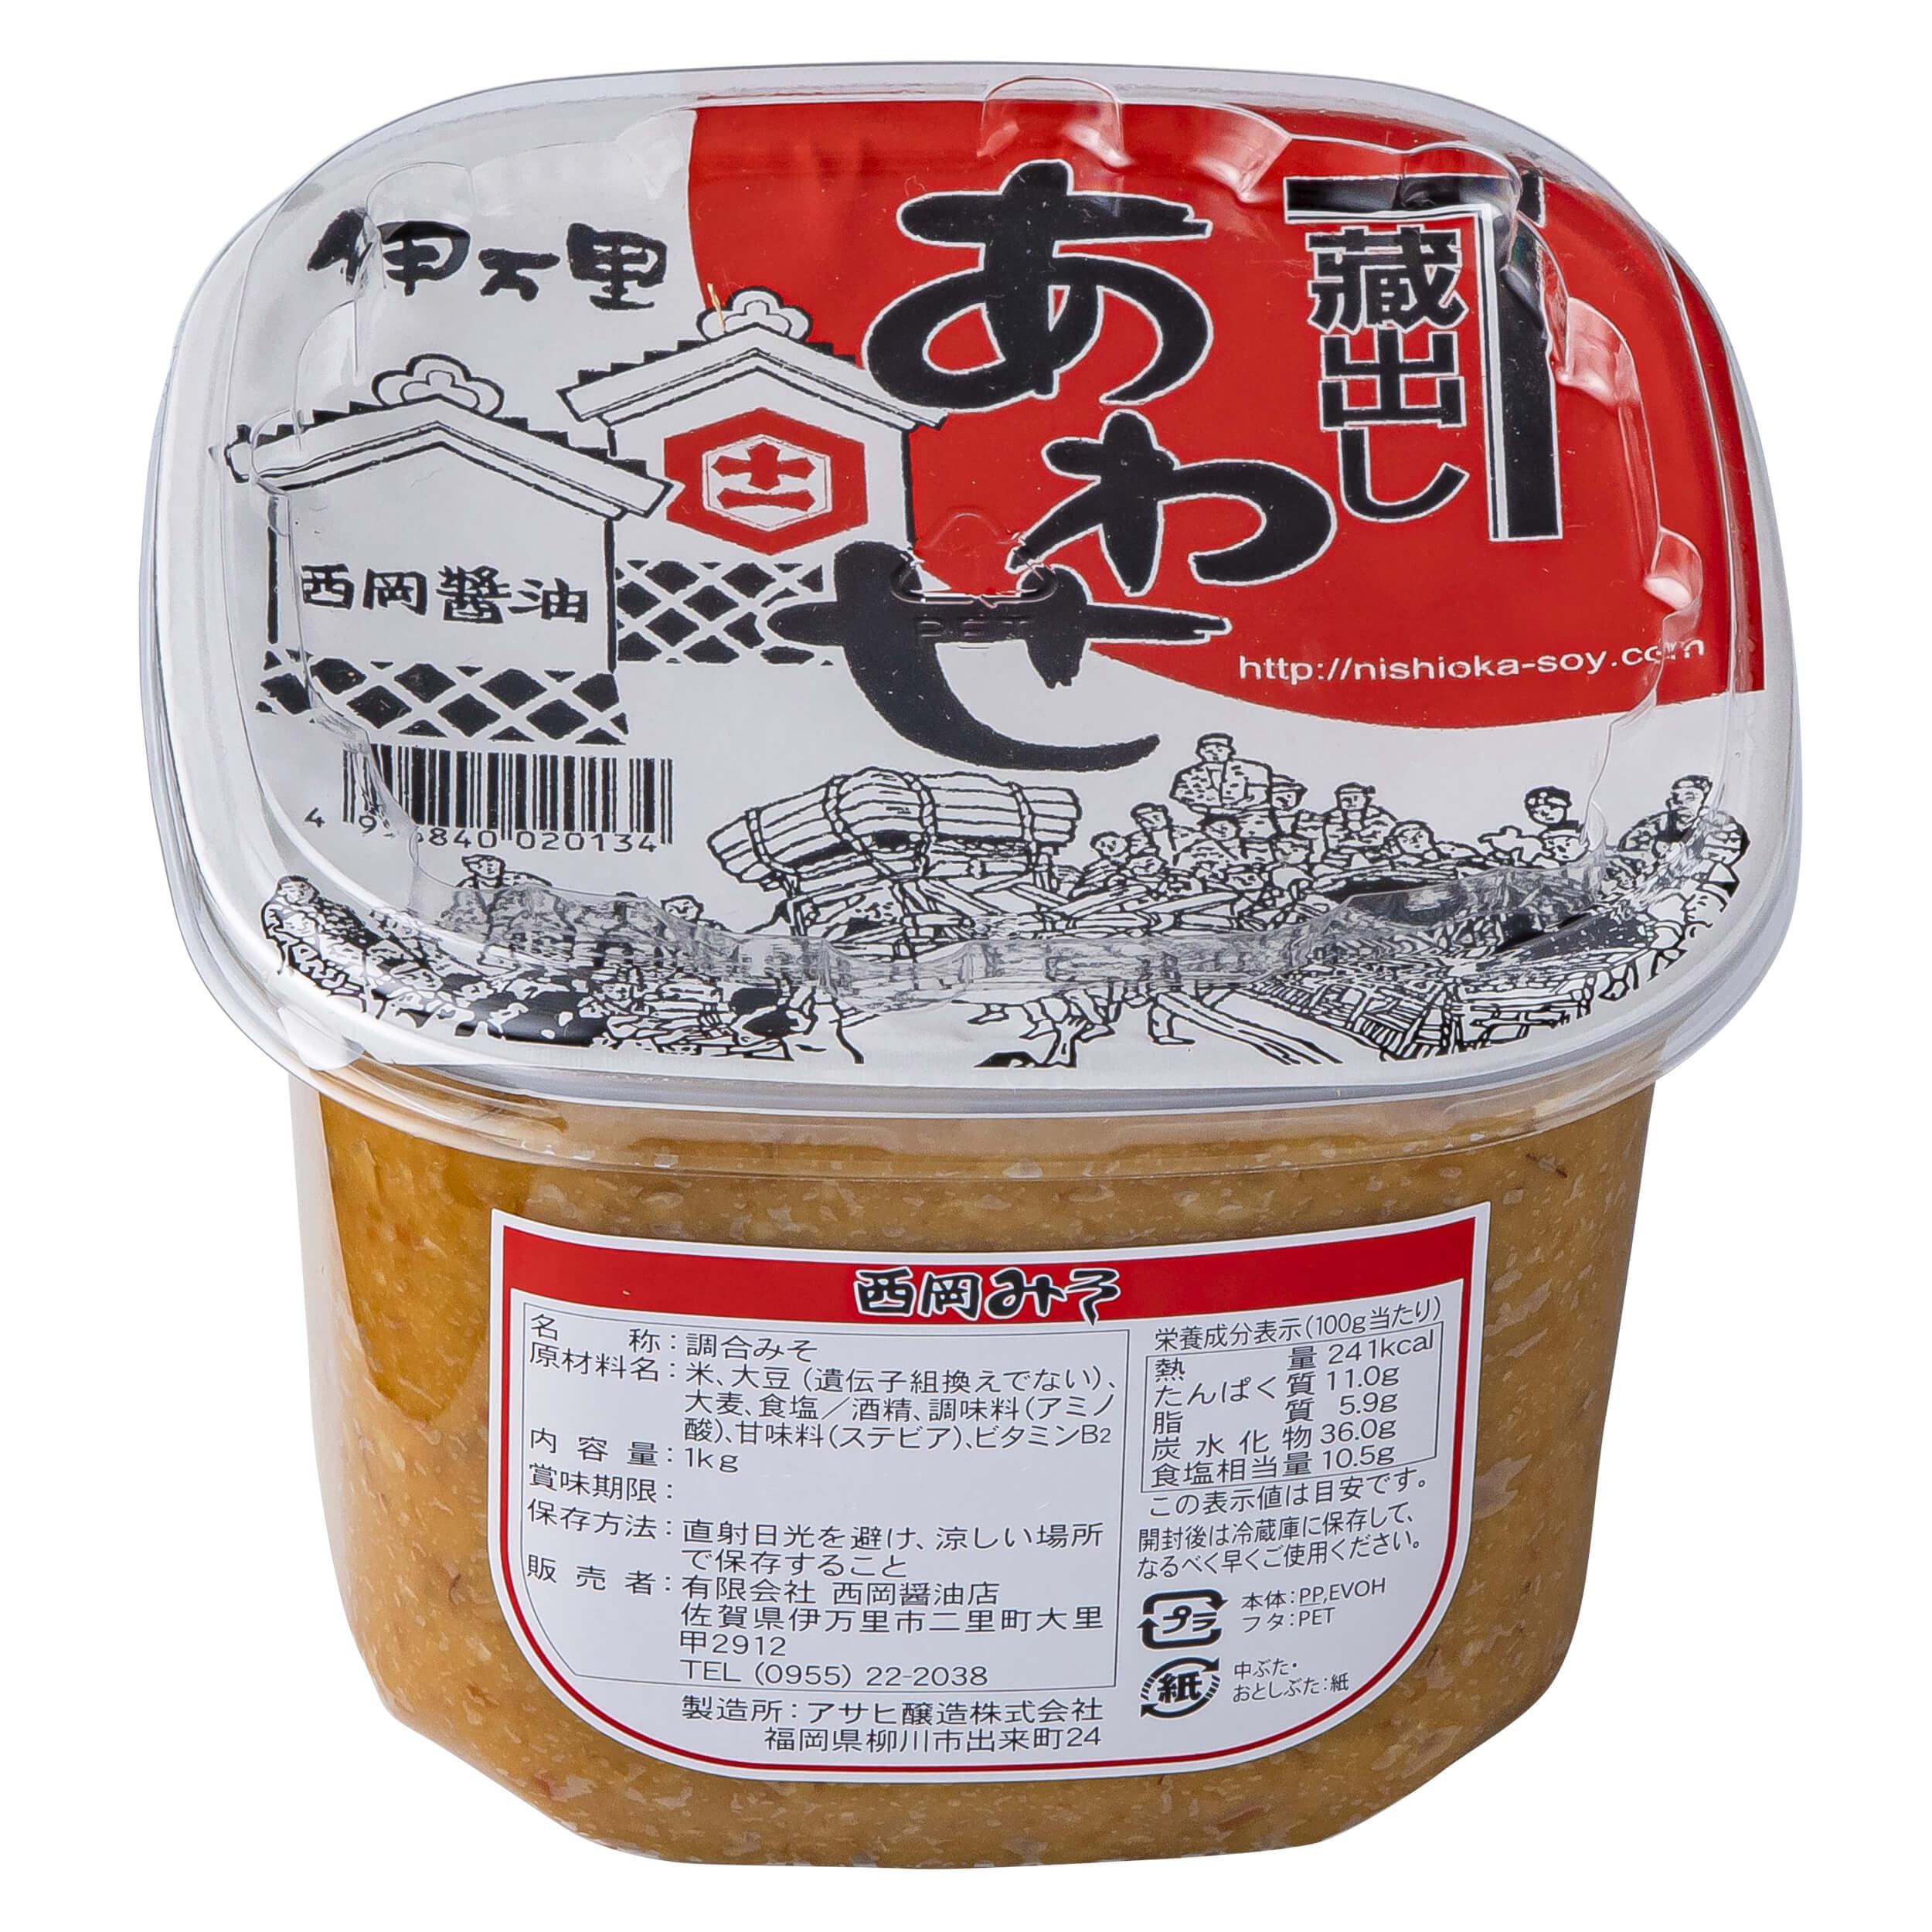 蔵出し合わせ味噌1kg